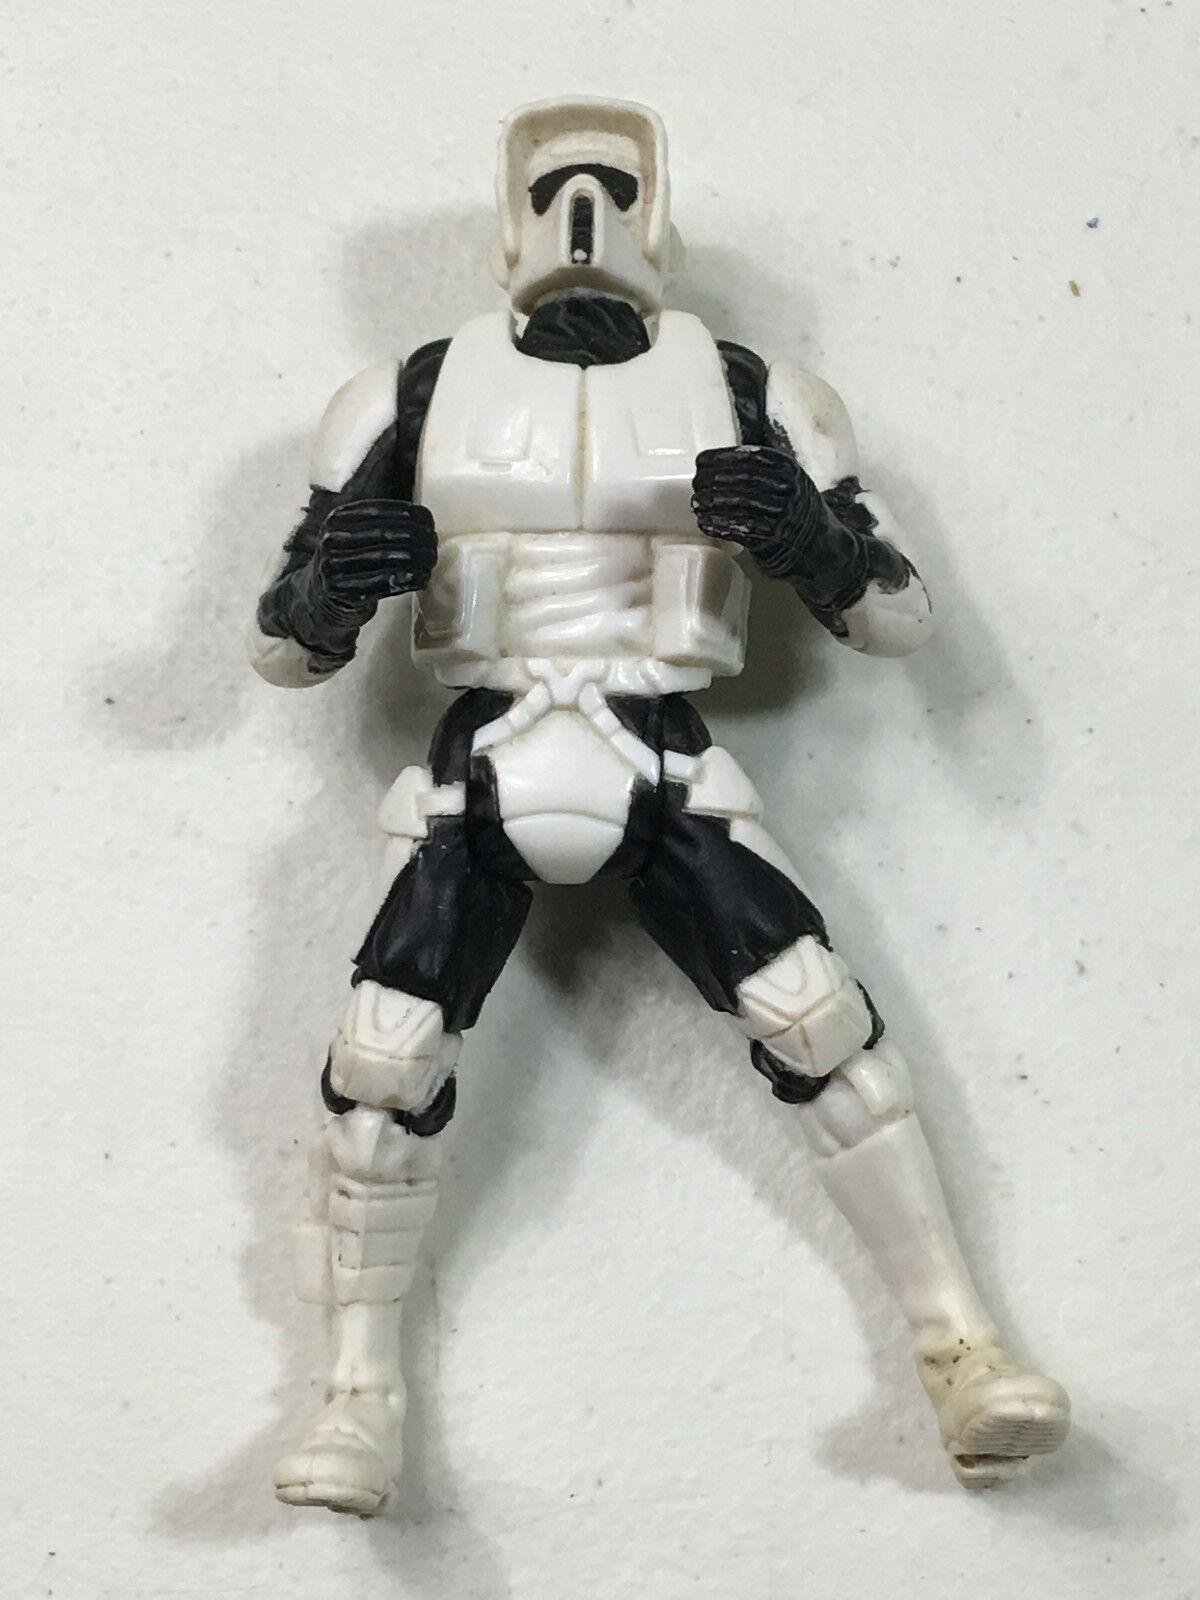 Star Wars 1995 Speeder Bike rider Imperial Scout Trooper// figure only no bike